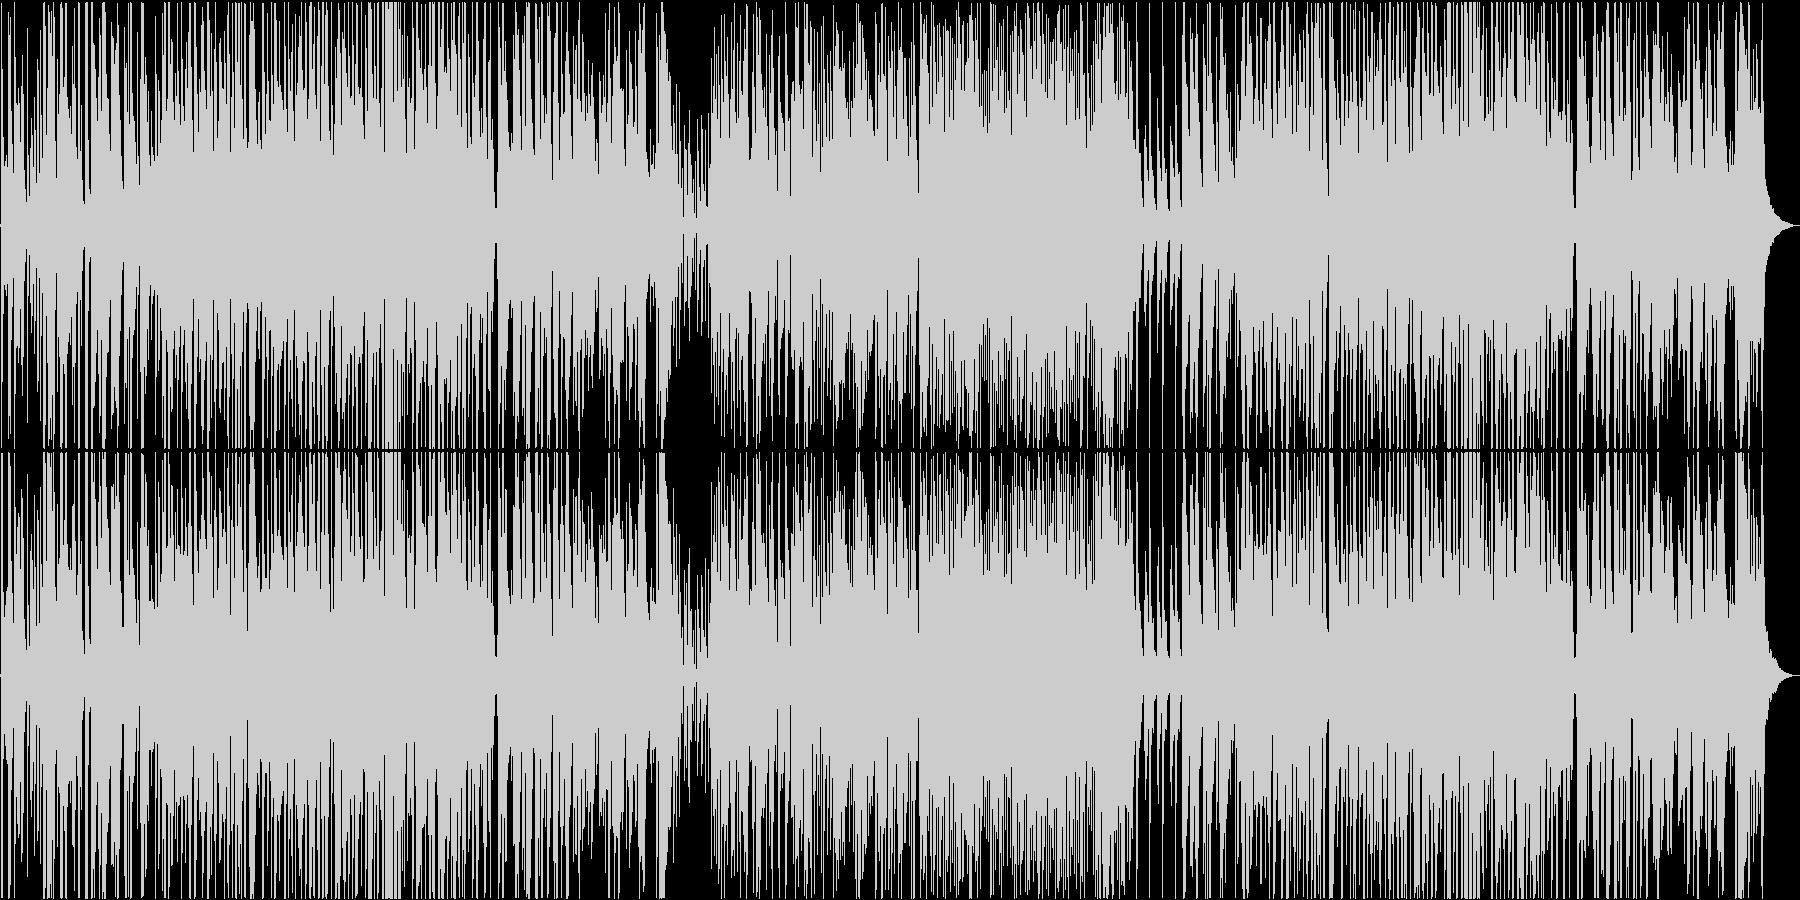 三拍子のオーソドックスジャズの未再生の波形